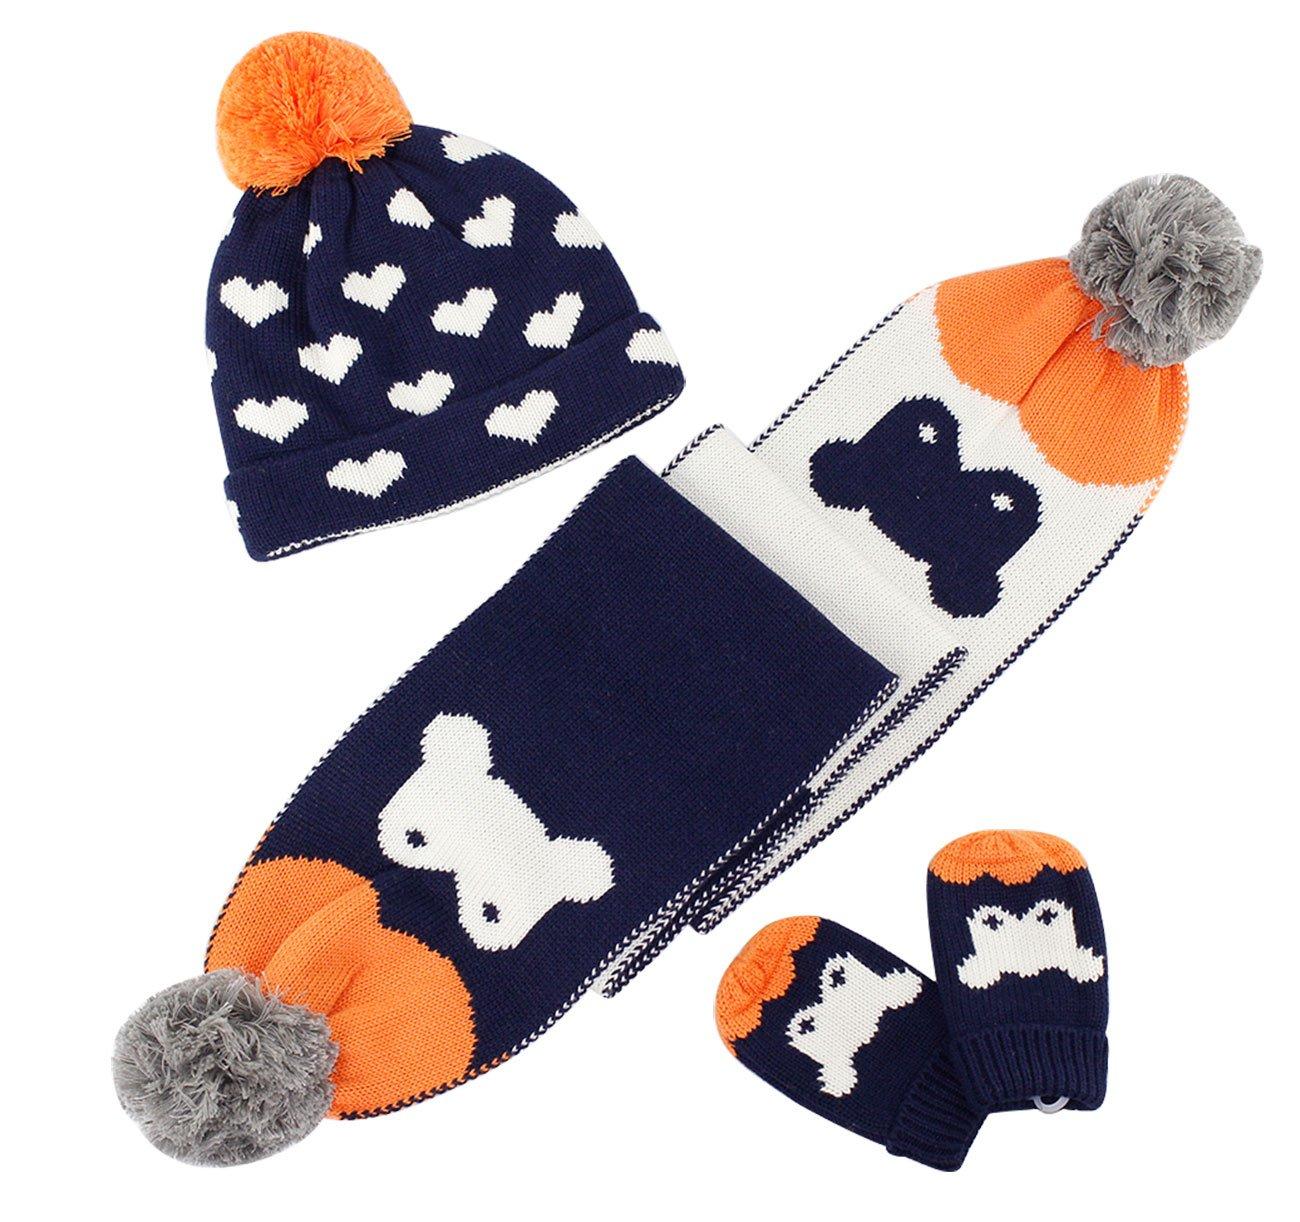 Autumn Winter Warm Kids Knit Beanie Scarf Gloves Suit Heart Jacquard and Cartoon Patterns Baby Hat Scarf Gloves Set Dark Blue 6-12 Months RUHI